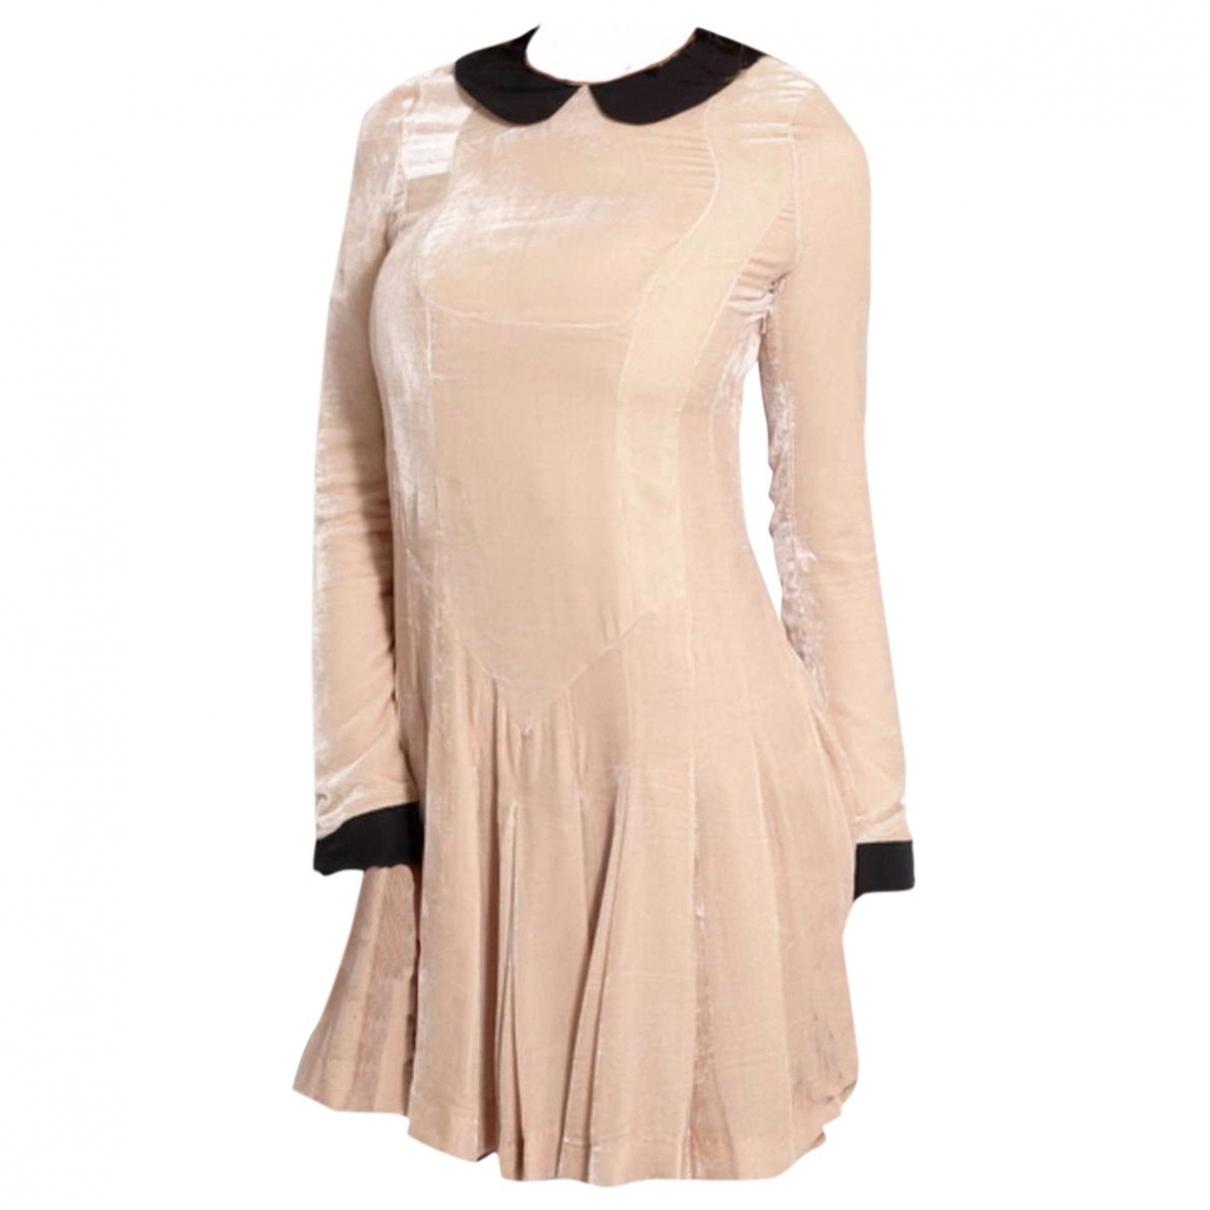 Meadham Kirchhoff \N Kleid in  Beige Seide